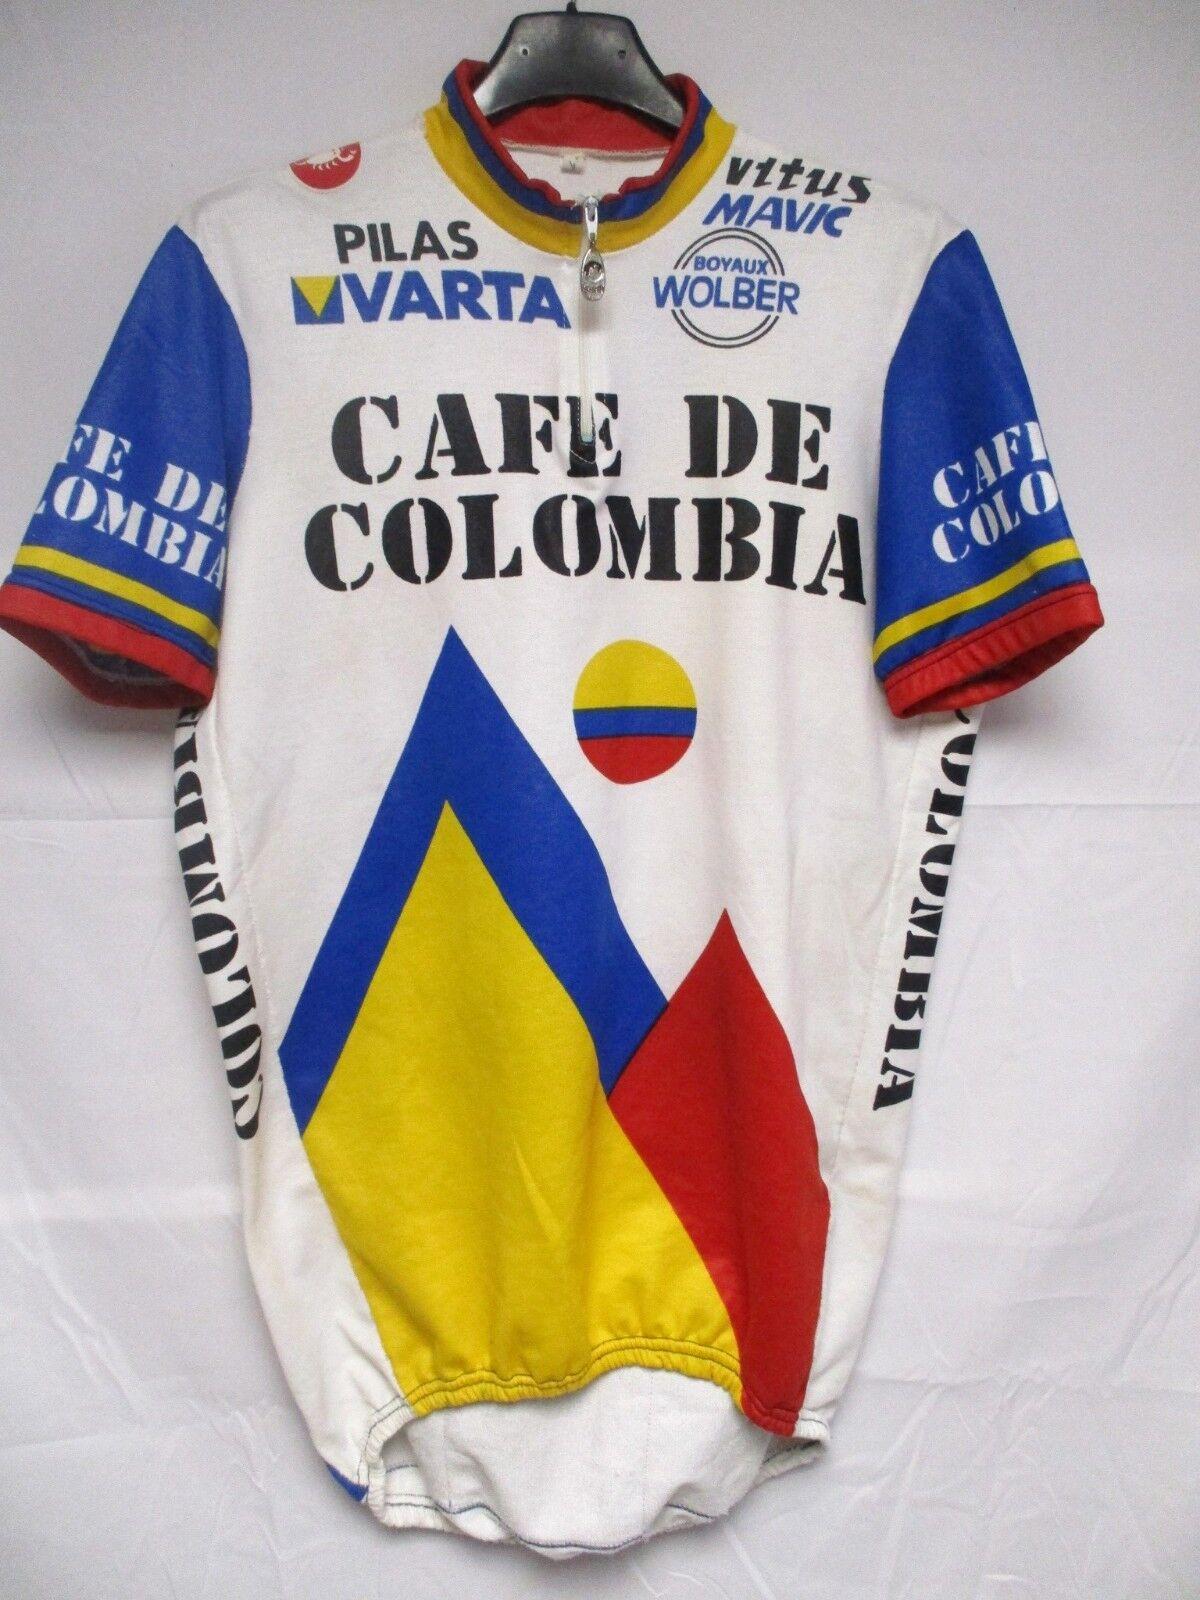 Maillot  cycliste CAFÉ DE COLOMBIA VARTA vintage 1986 camiseta jersey shirt 6 XXL  export outlet